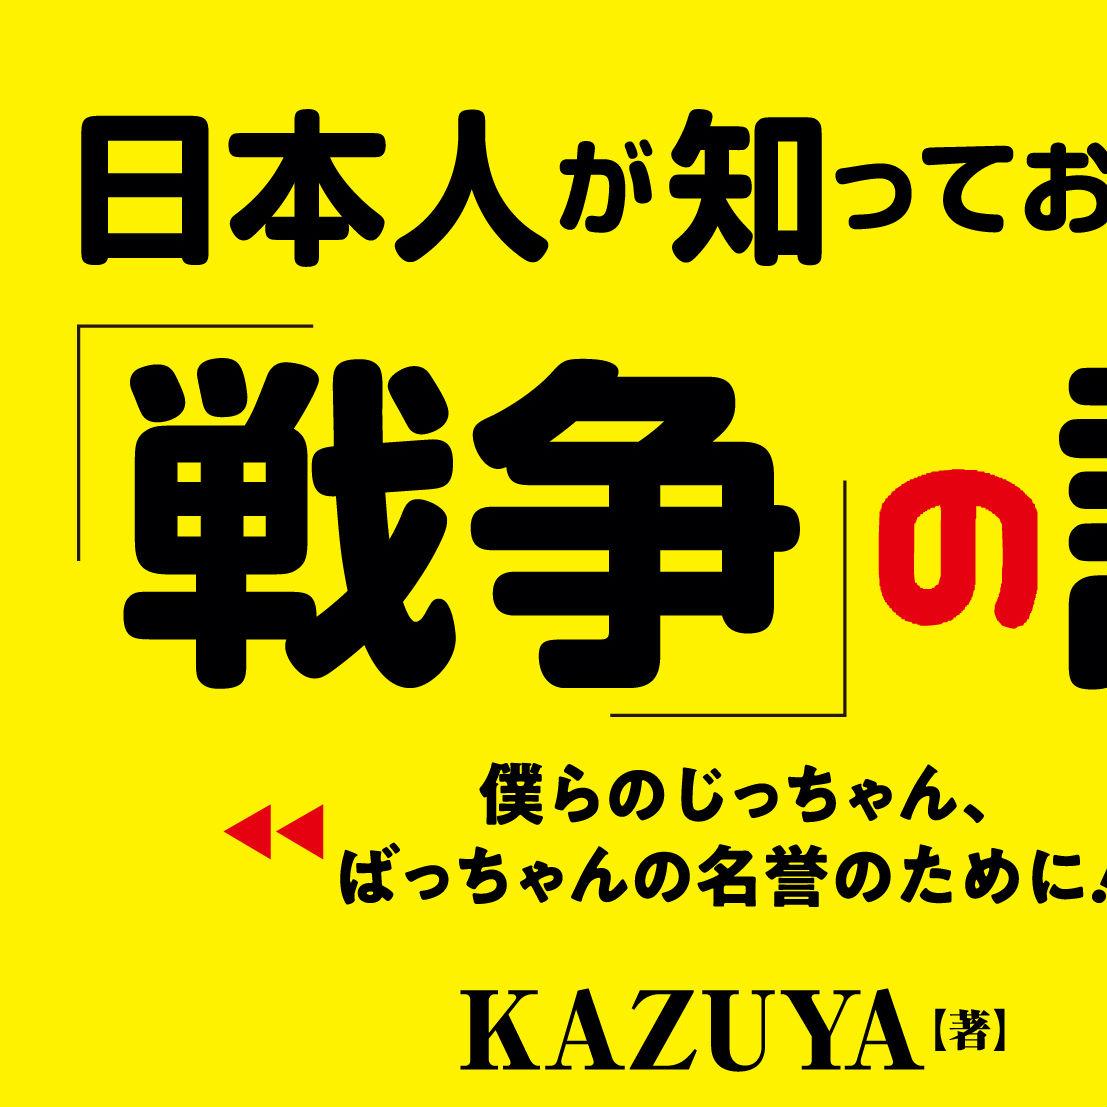 単純な「日本悪」史観が見直されてきた! <br />ベストセラーシリーズ、待望の文庫化! !